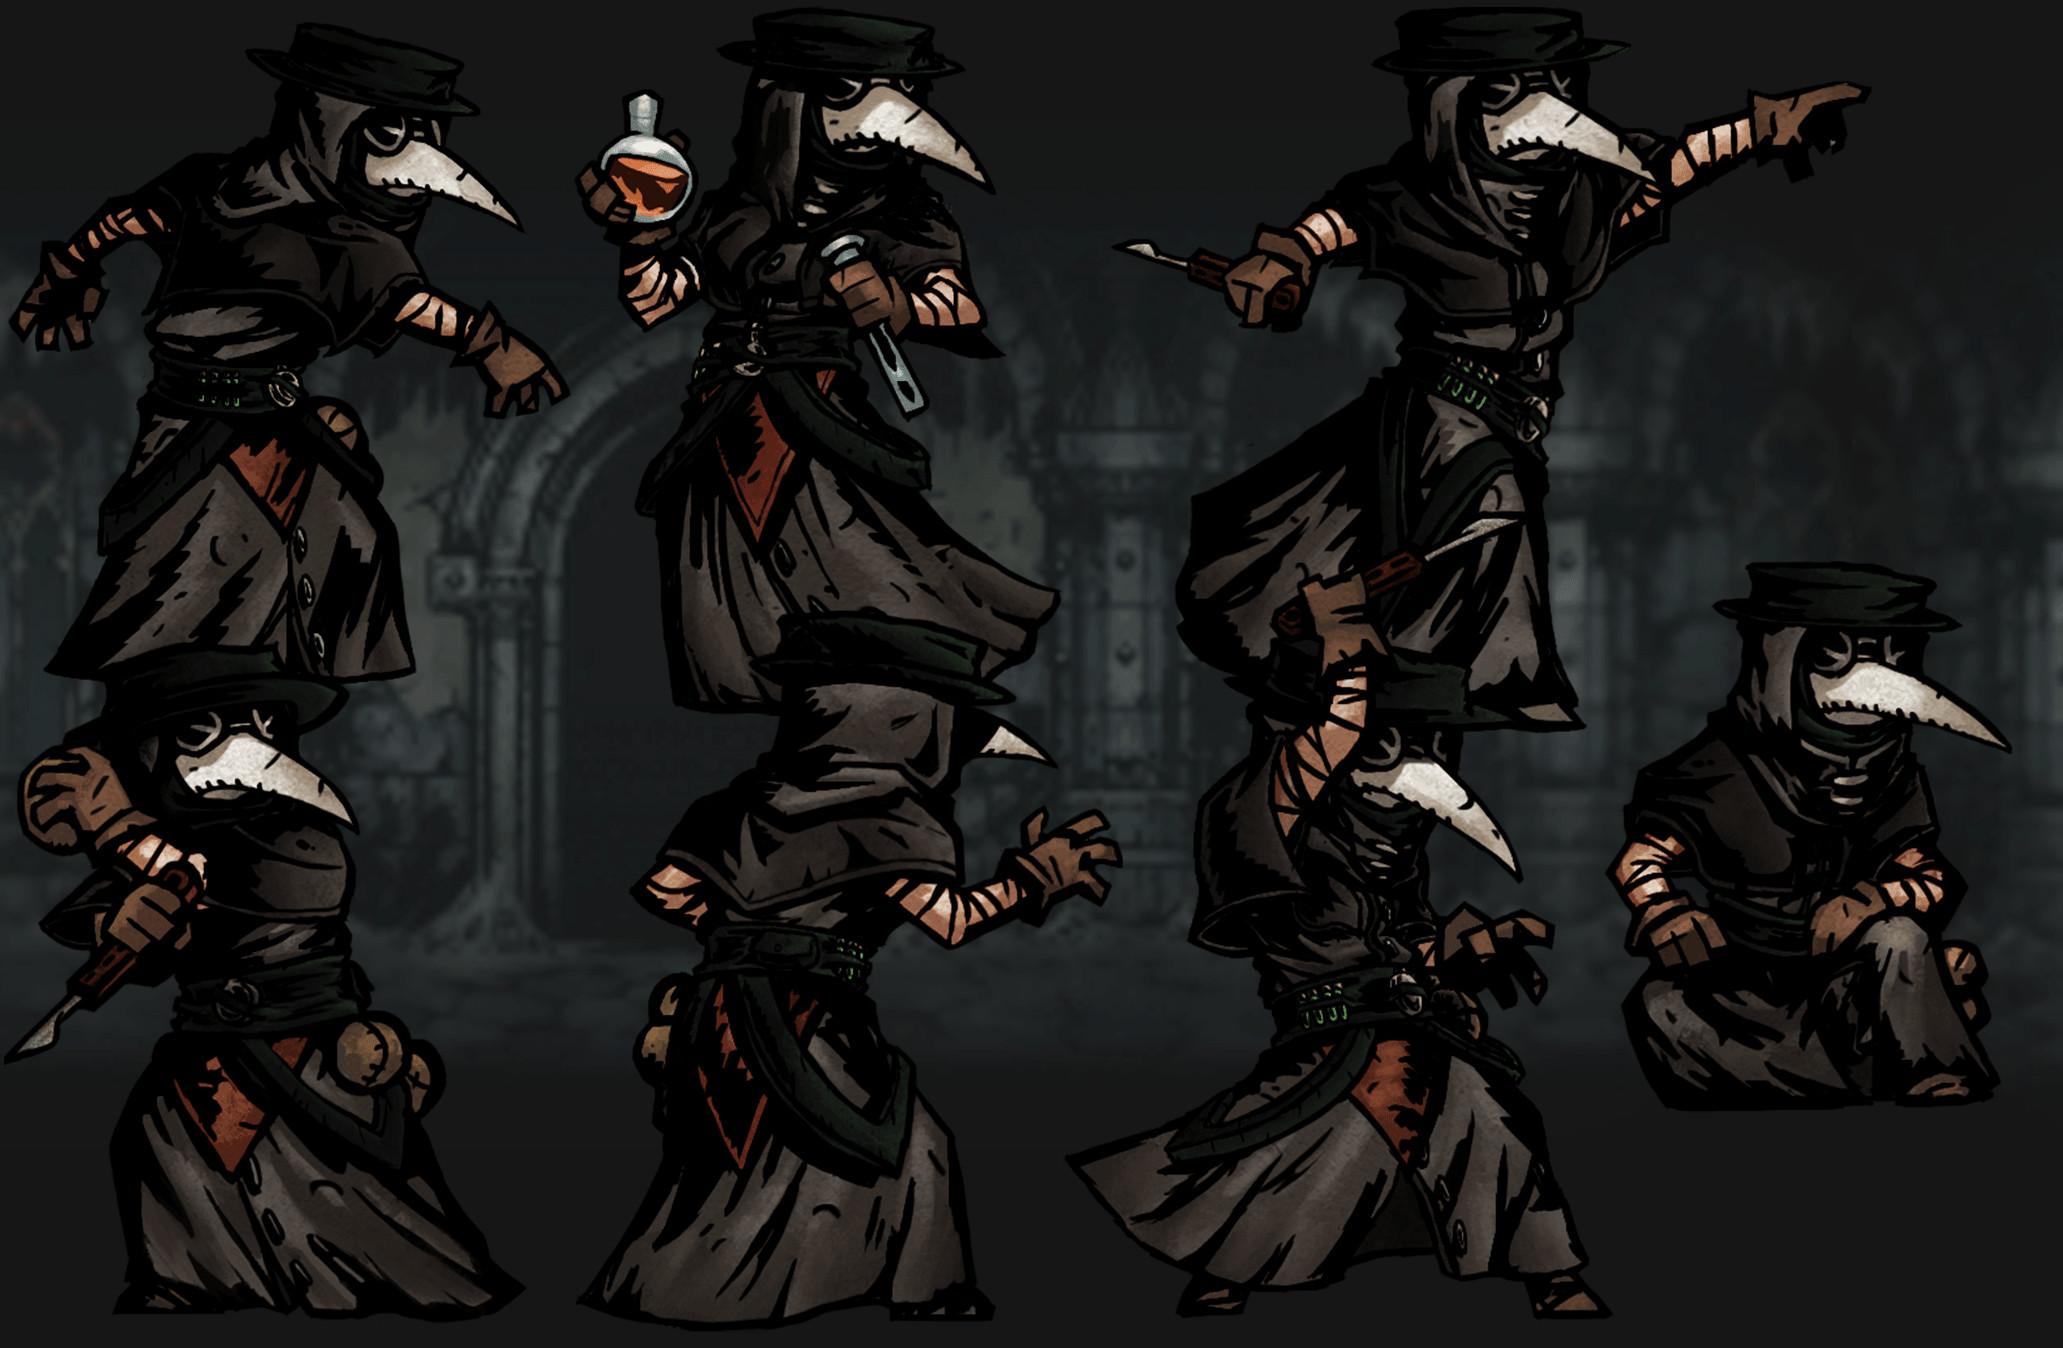 … Darkest Dungeon: Plague Doctor Desktop wallpapers